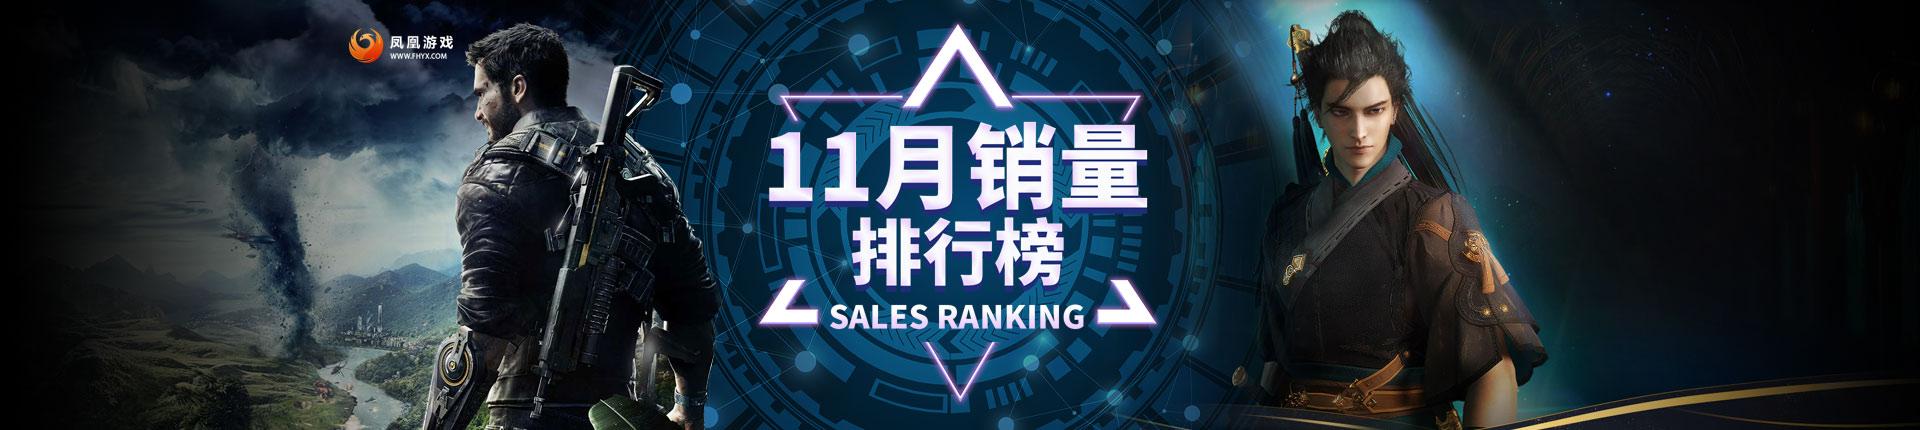 11月销量排行榜